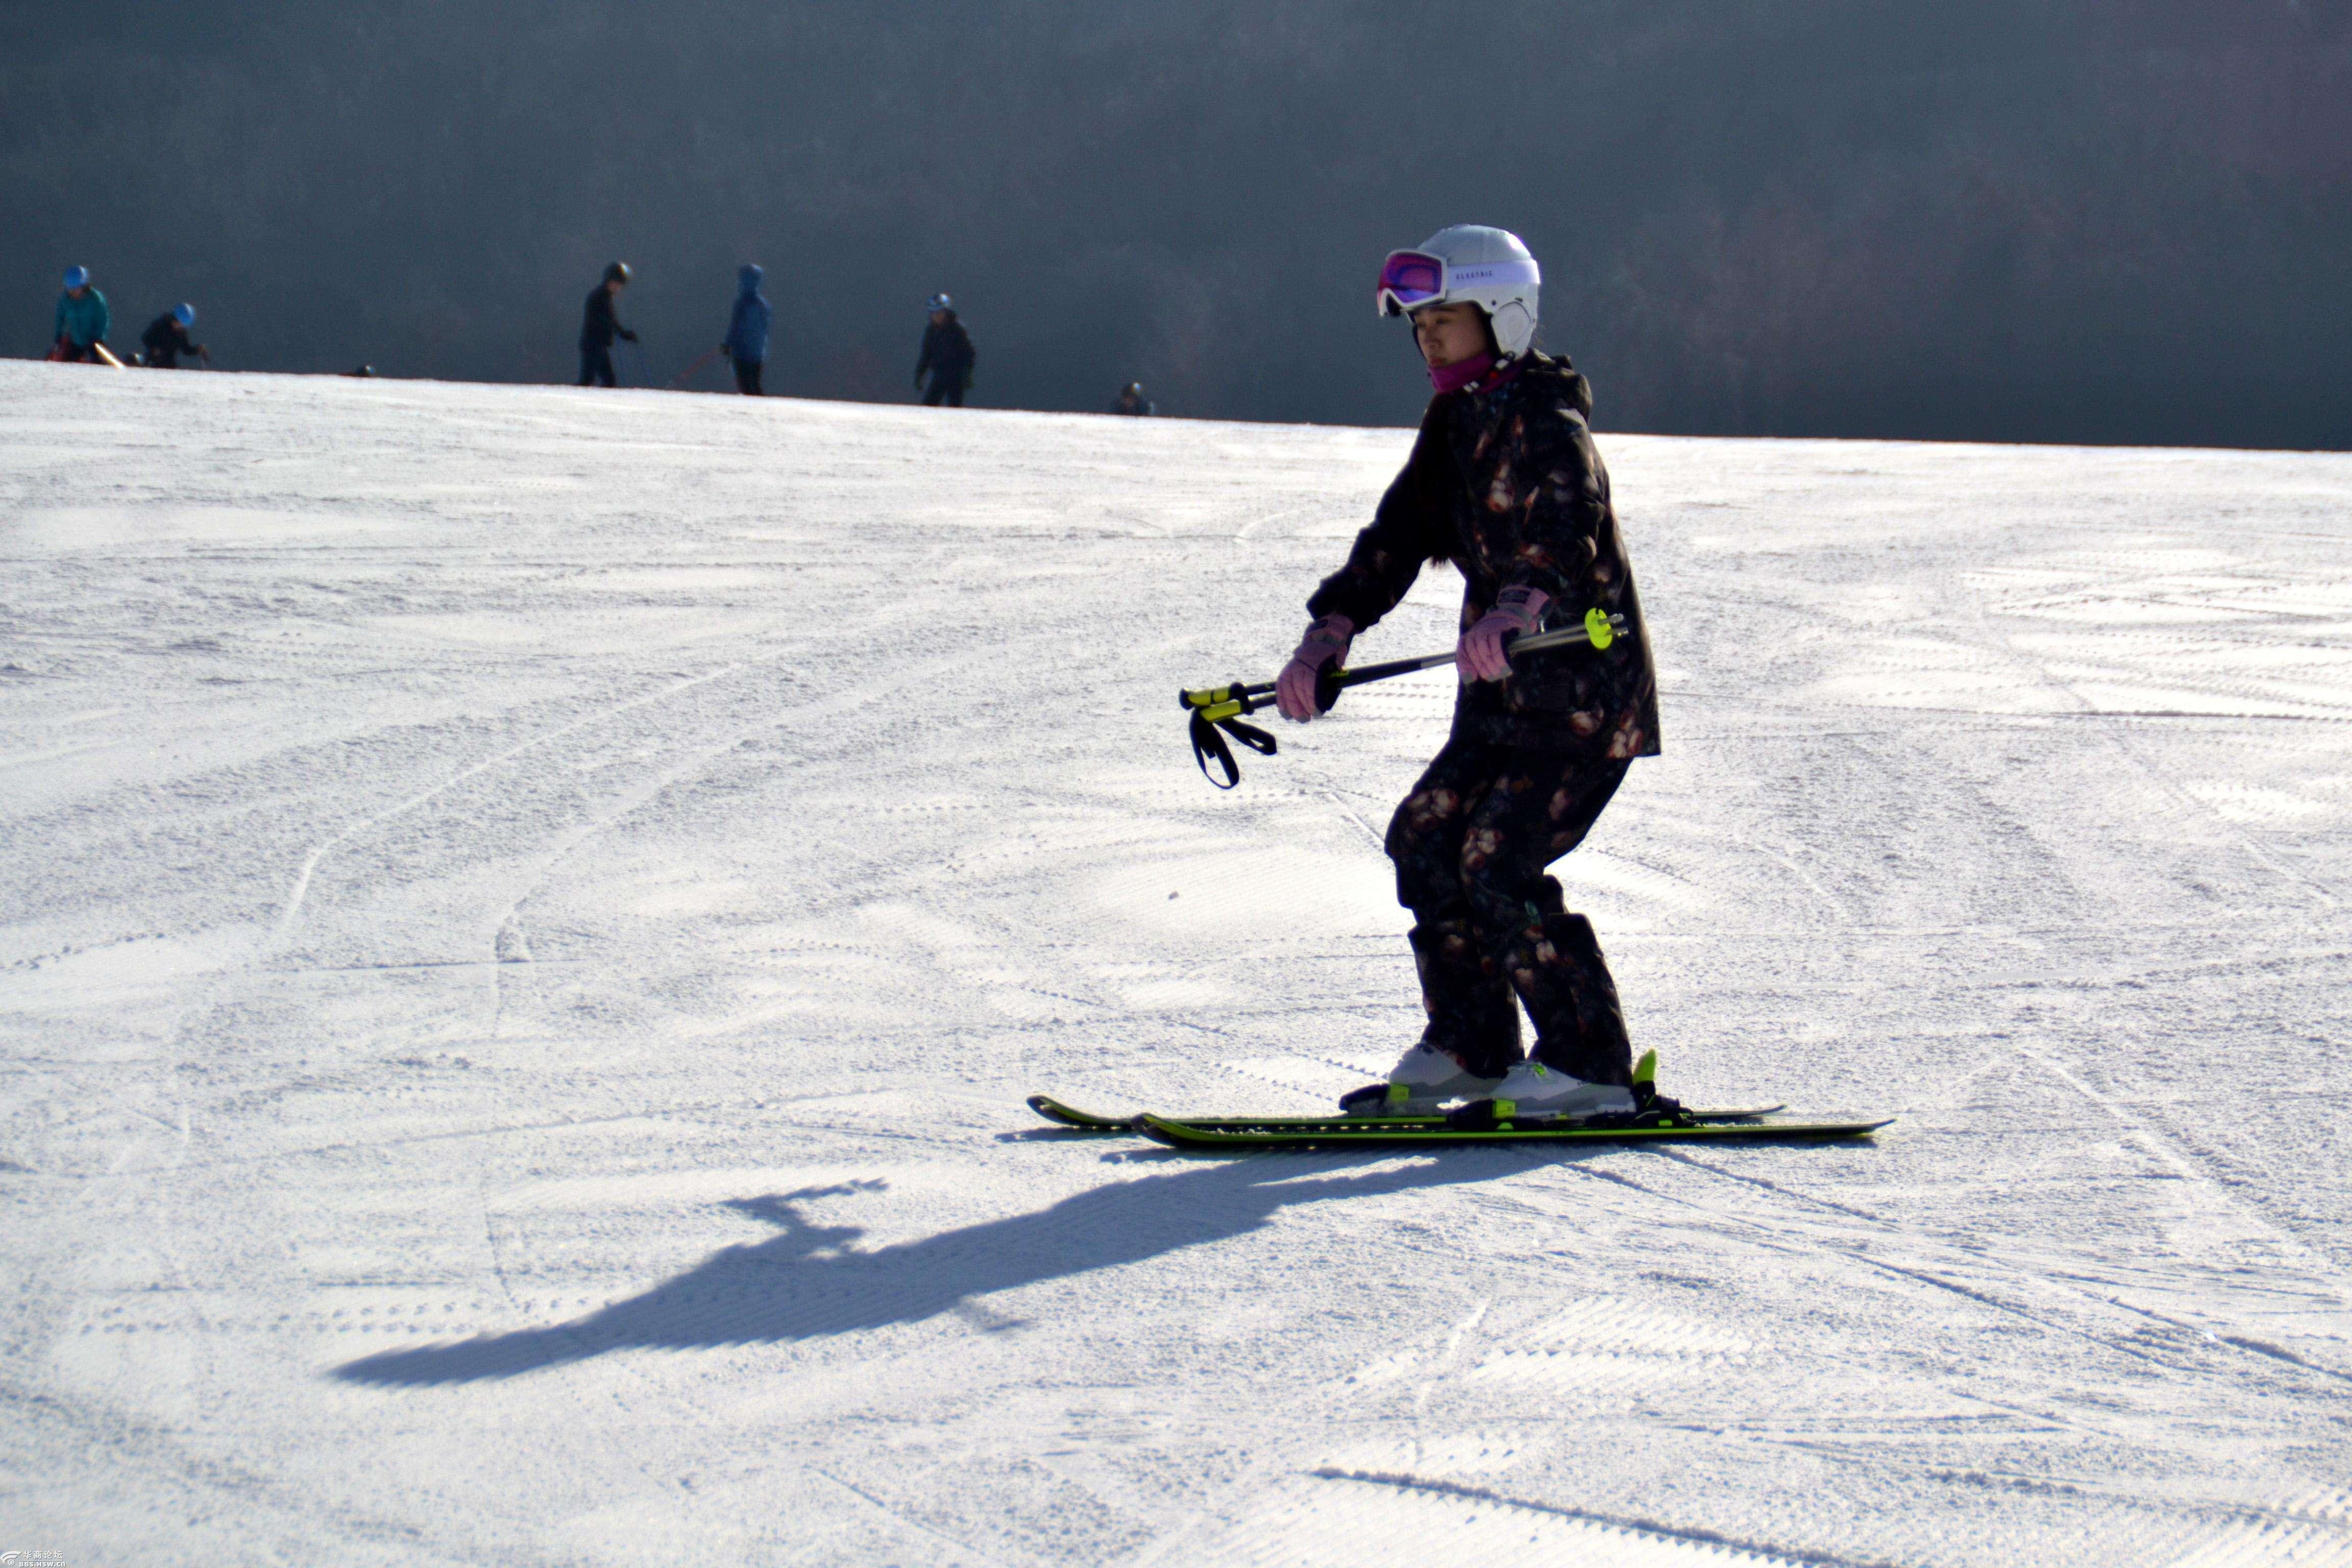 鳌山滑雪场门票多少钱,鳌山滑雪场大学生滑雪节